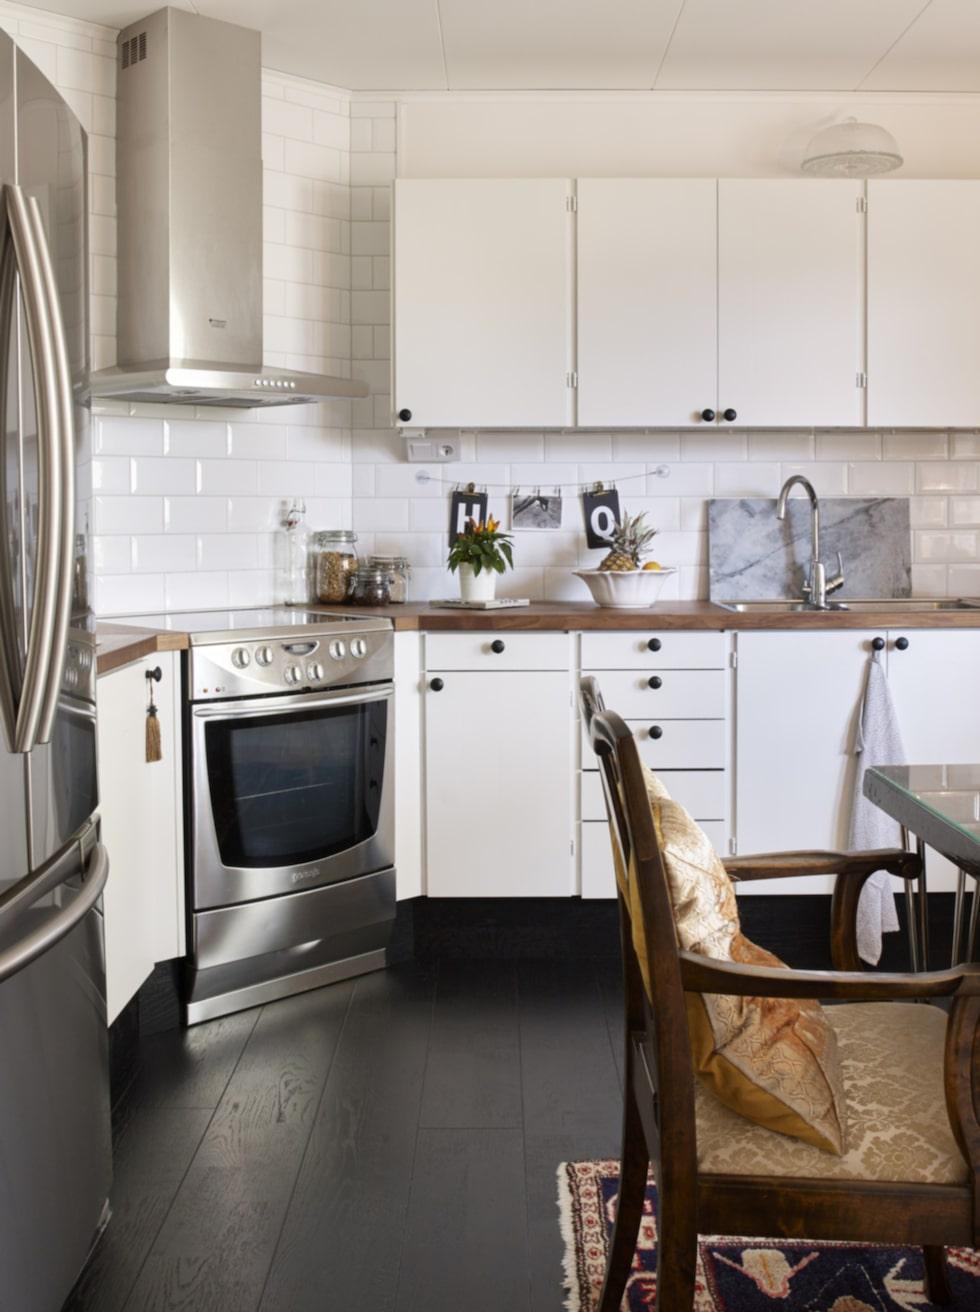 Piffat kök. Köket har piffats upp med nytt kakel och mörkt golv som får det vita standardköket att se exklusivt ut.